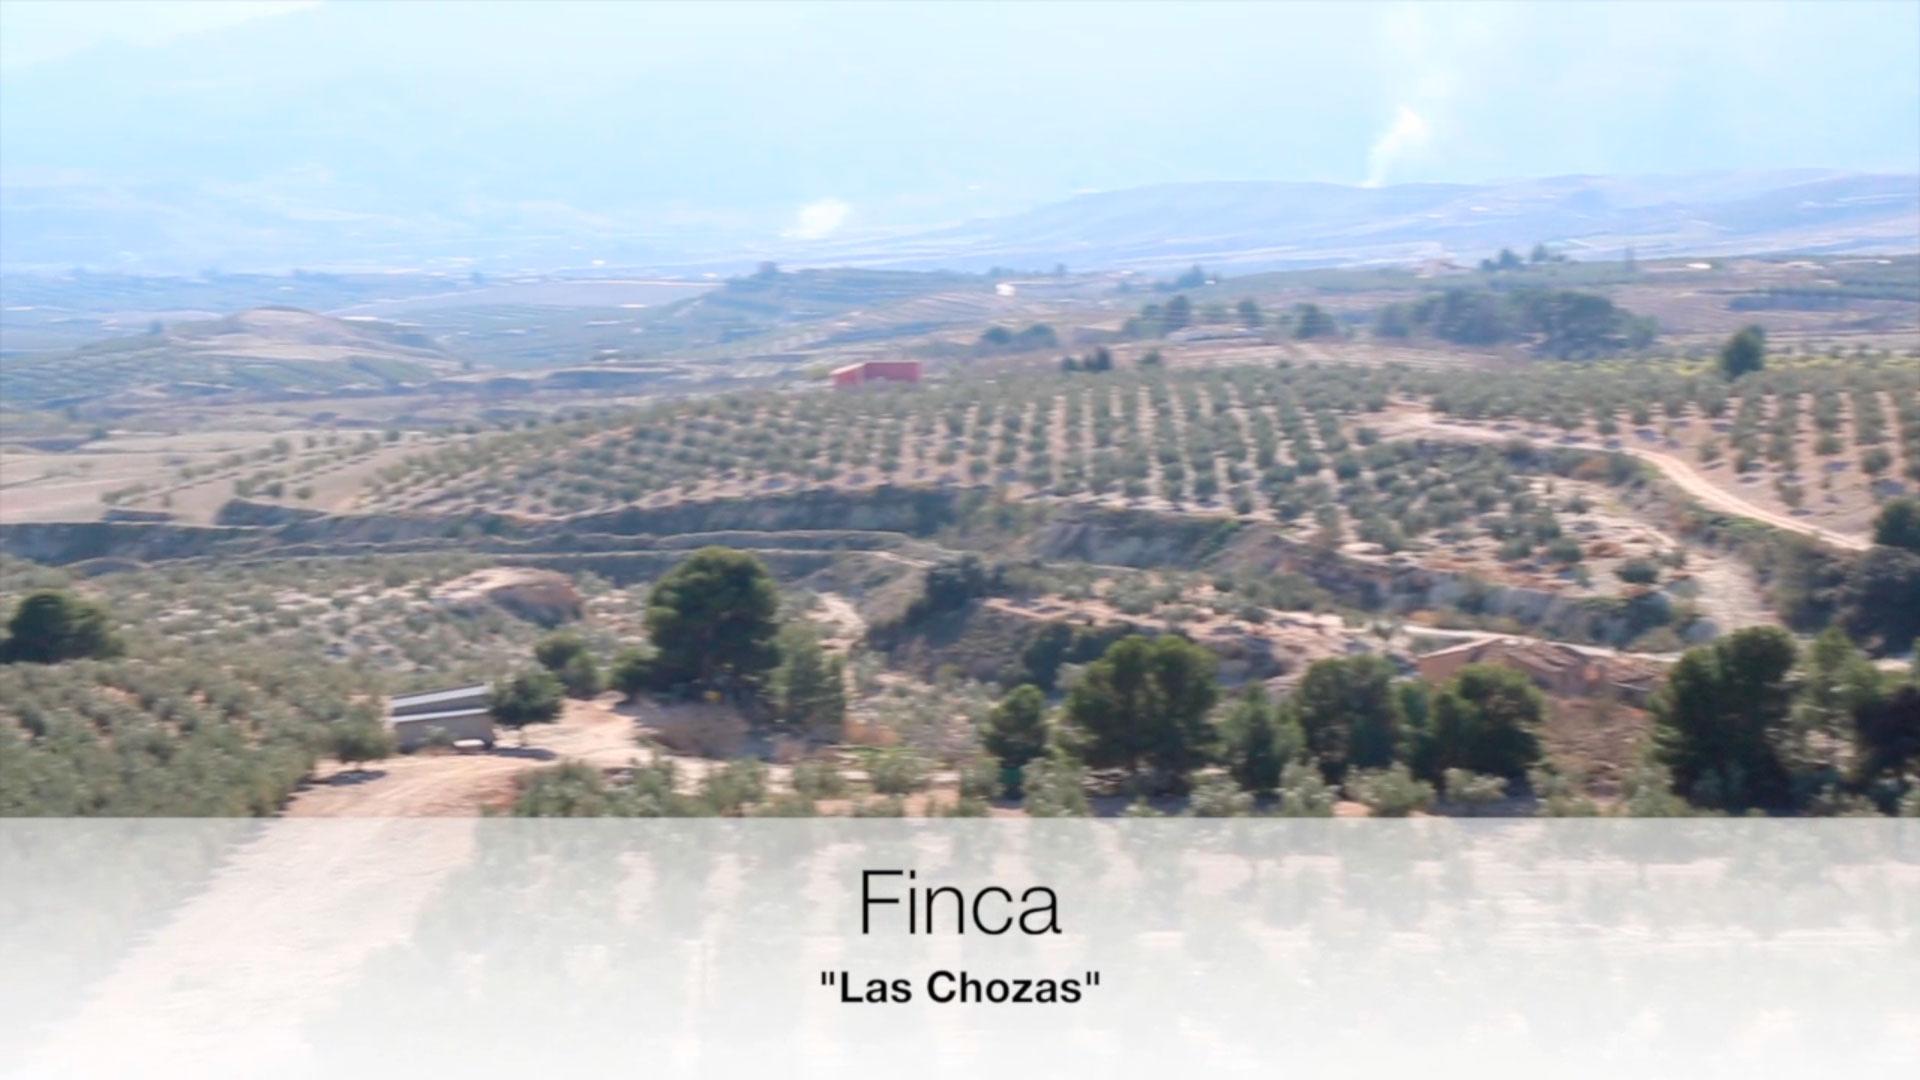 video_finca_las_chozas-HD 720p_largo